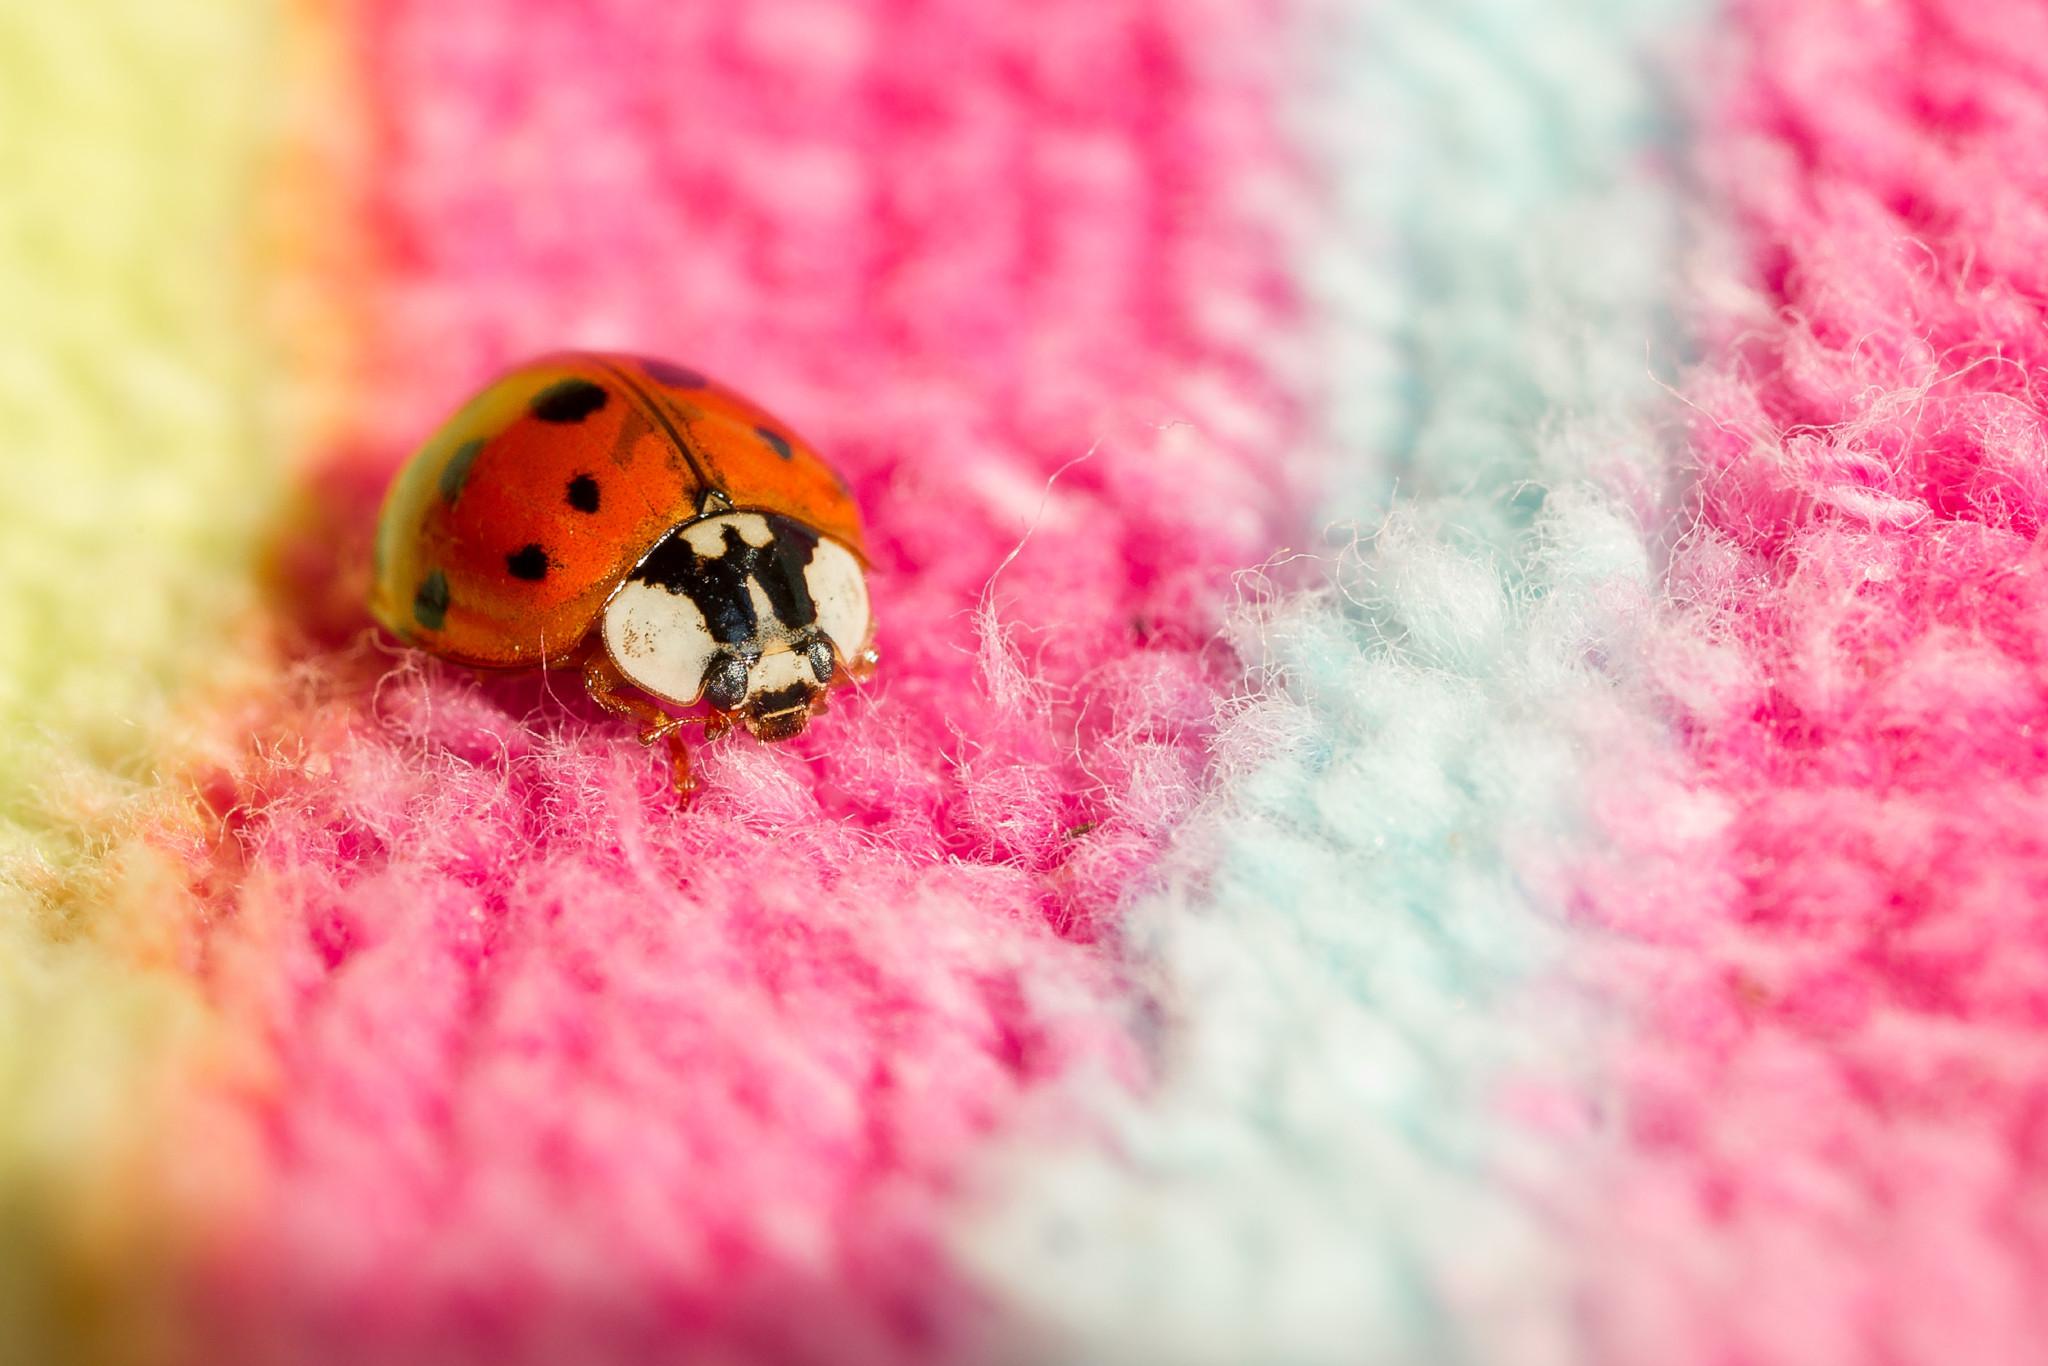 FabioBoscoPhotography_Ladybug on the Beach Towel-066298.jpg